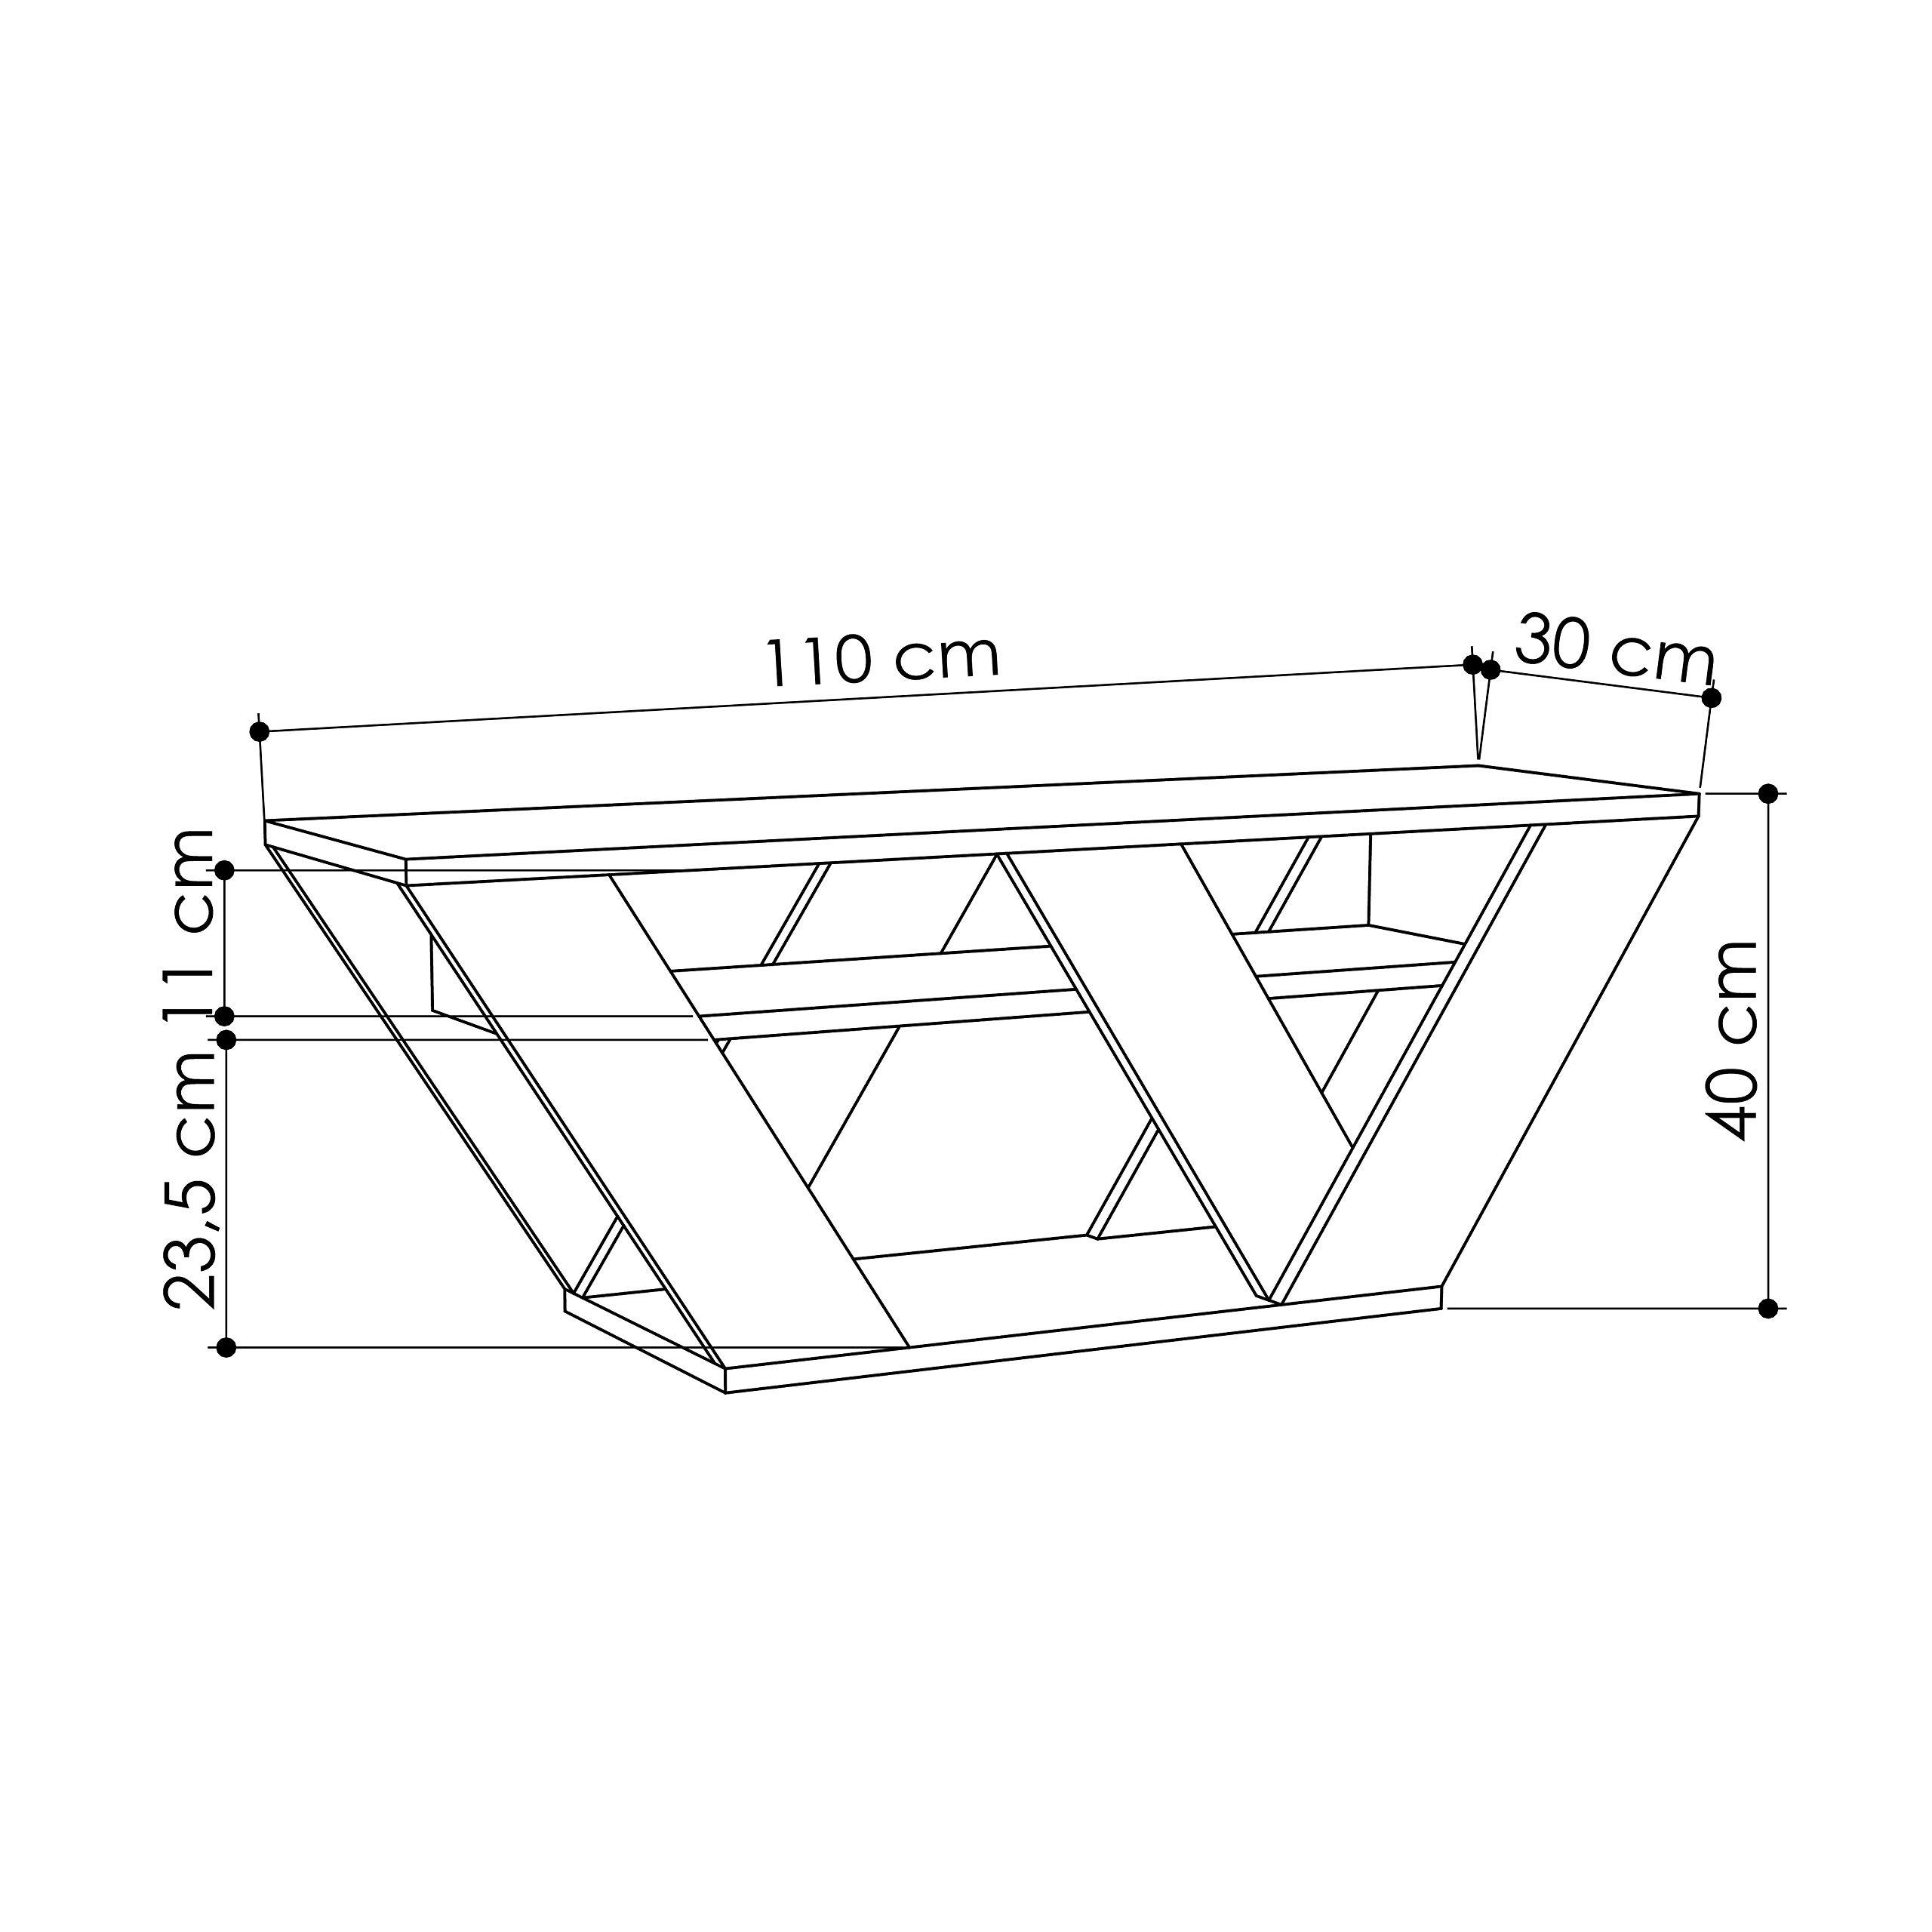 Hocuspicus - Soporte para televisor (110 x 30 x 40 cm, fácil de Montar y Limpiar) Roble: Amazon.es: Electrónica